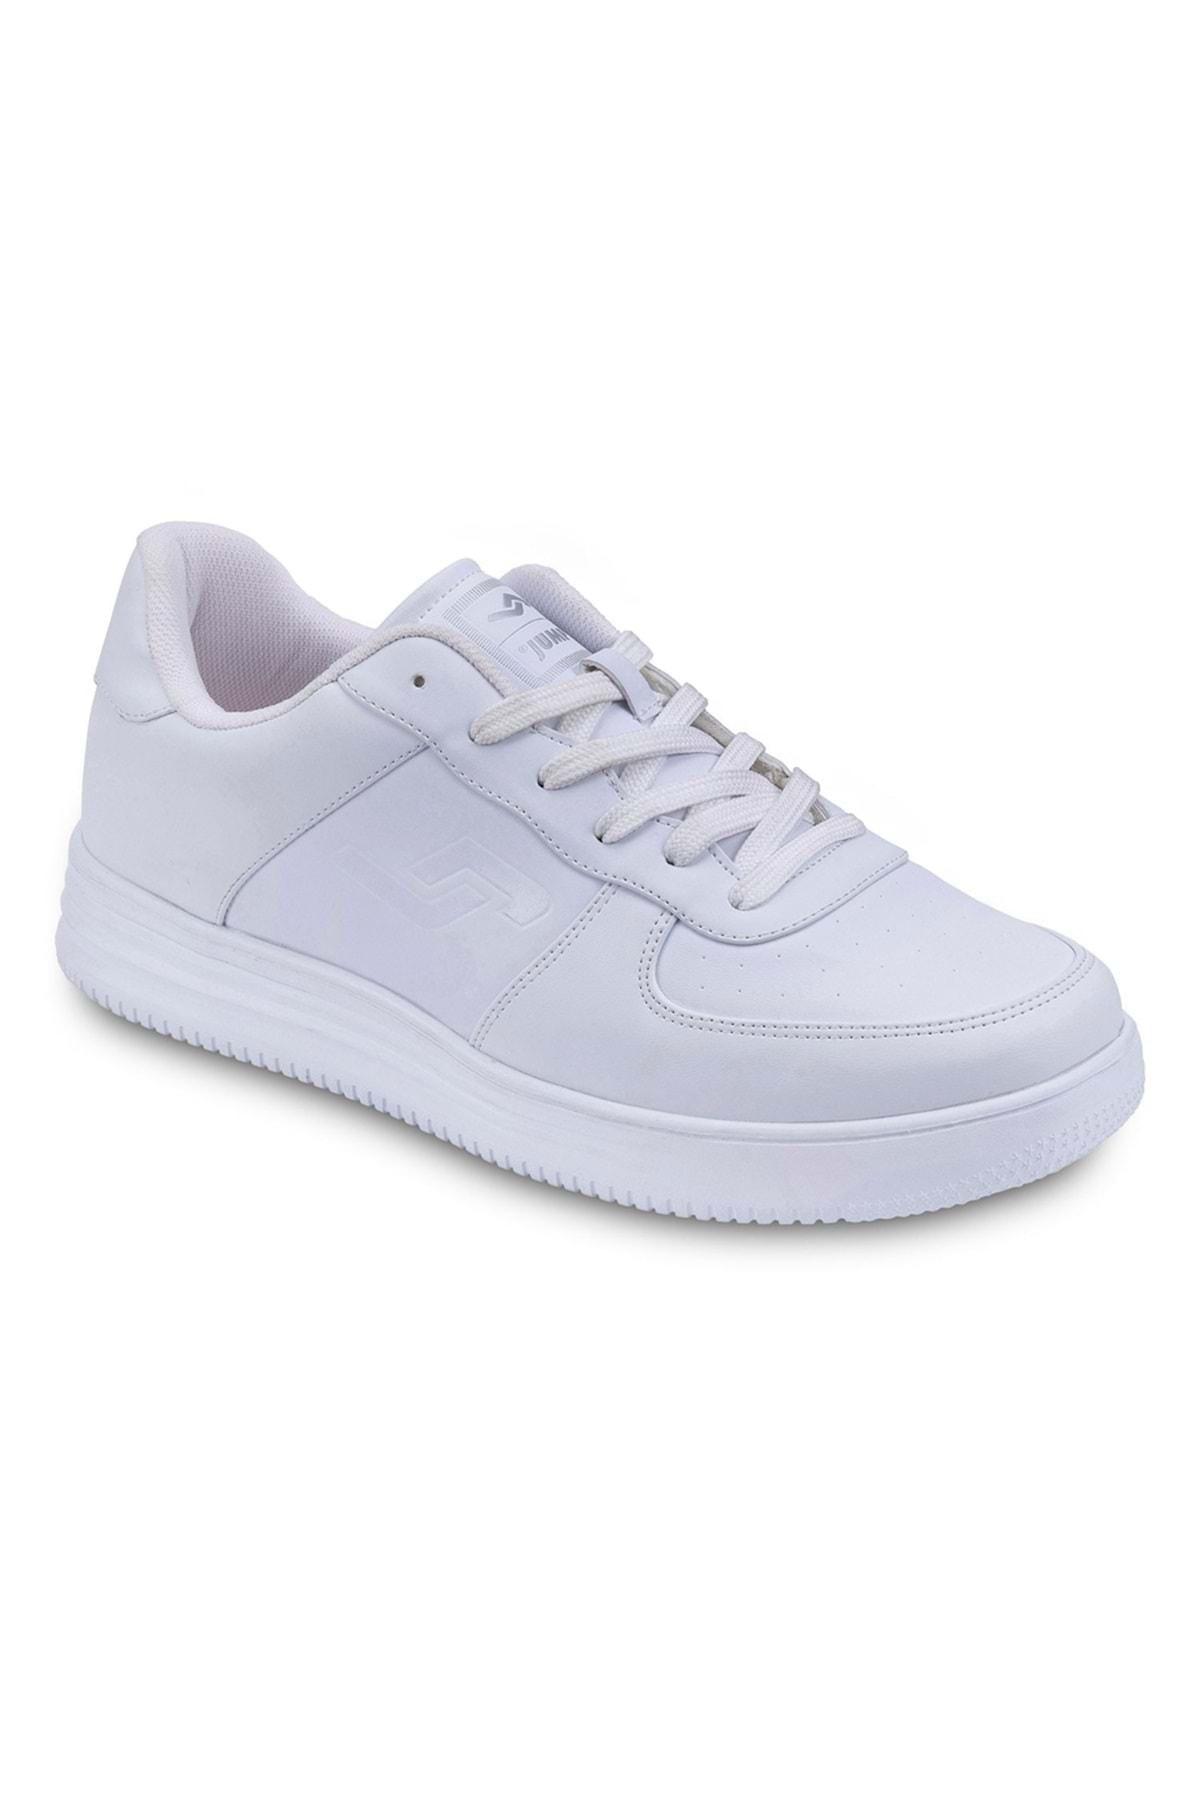 Jump Kadın Beyaz Günlük Spor Ayakkabı 21516 1